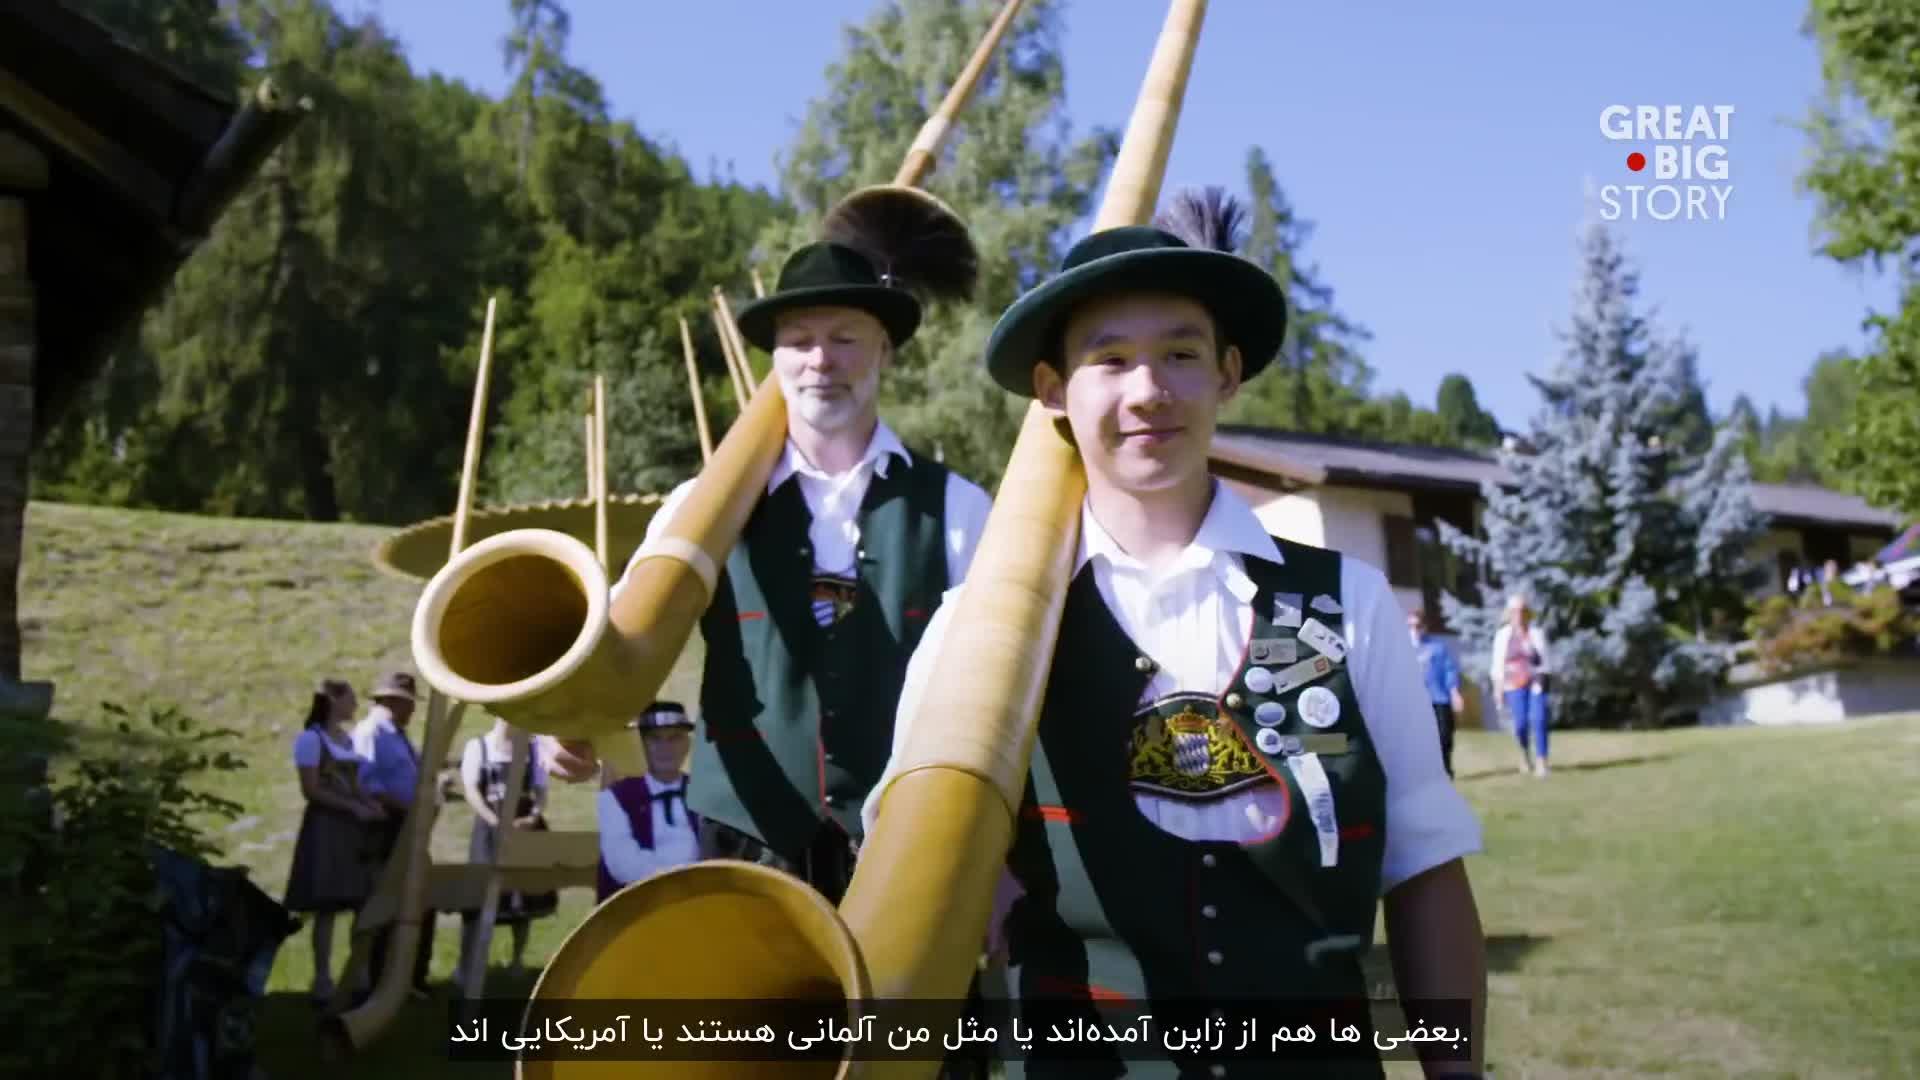 مسابقات نواختن آلپ هورن در ارتفاعات کوه های آلپ